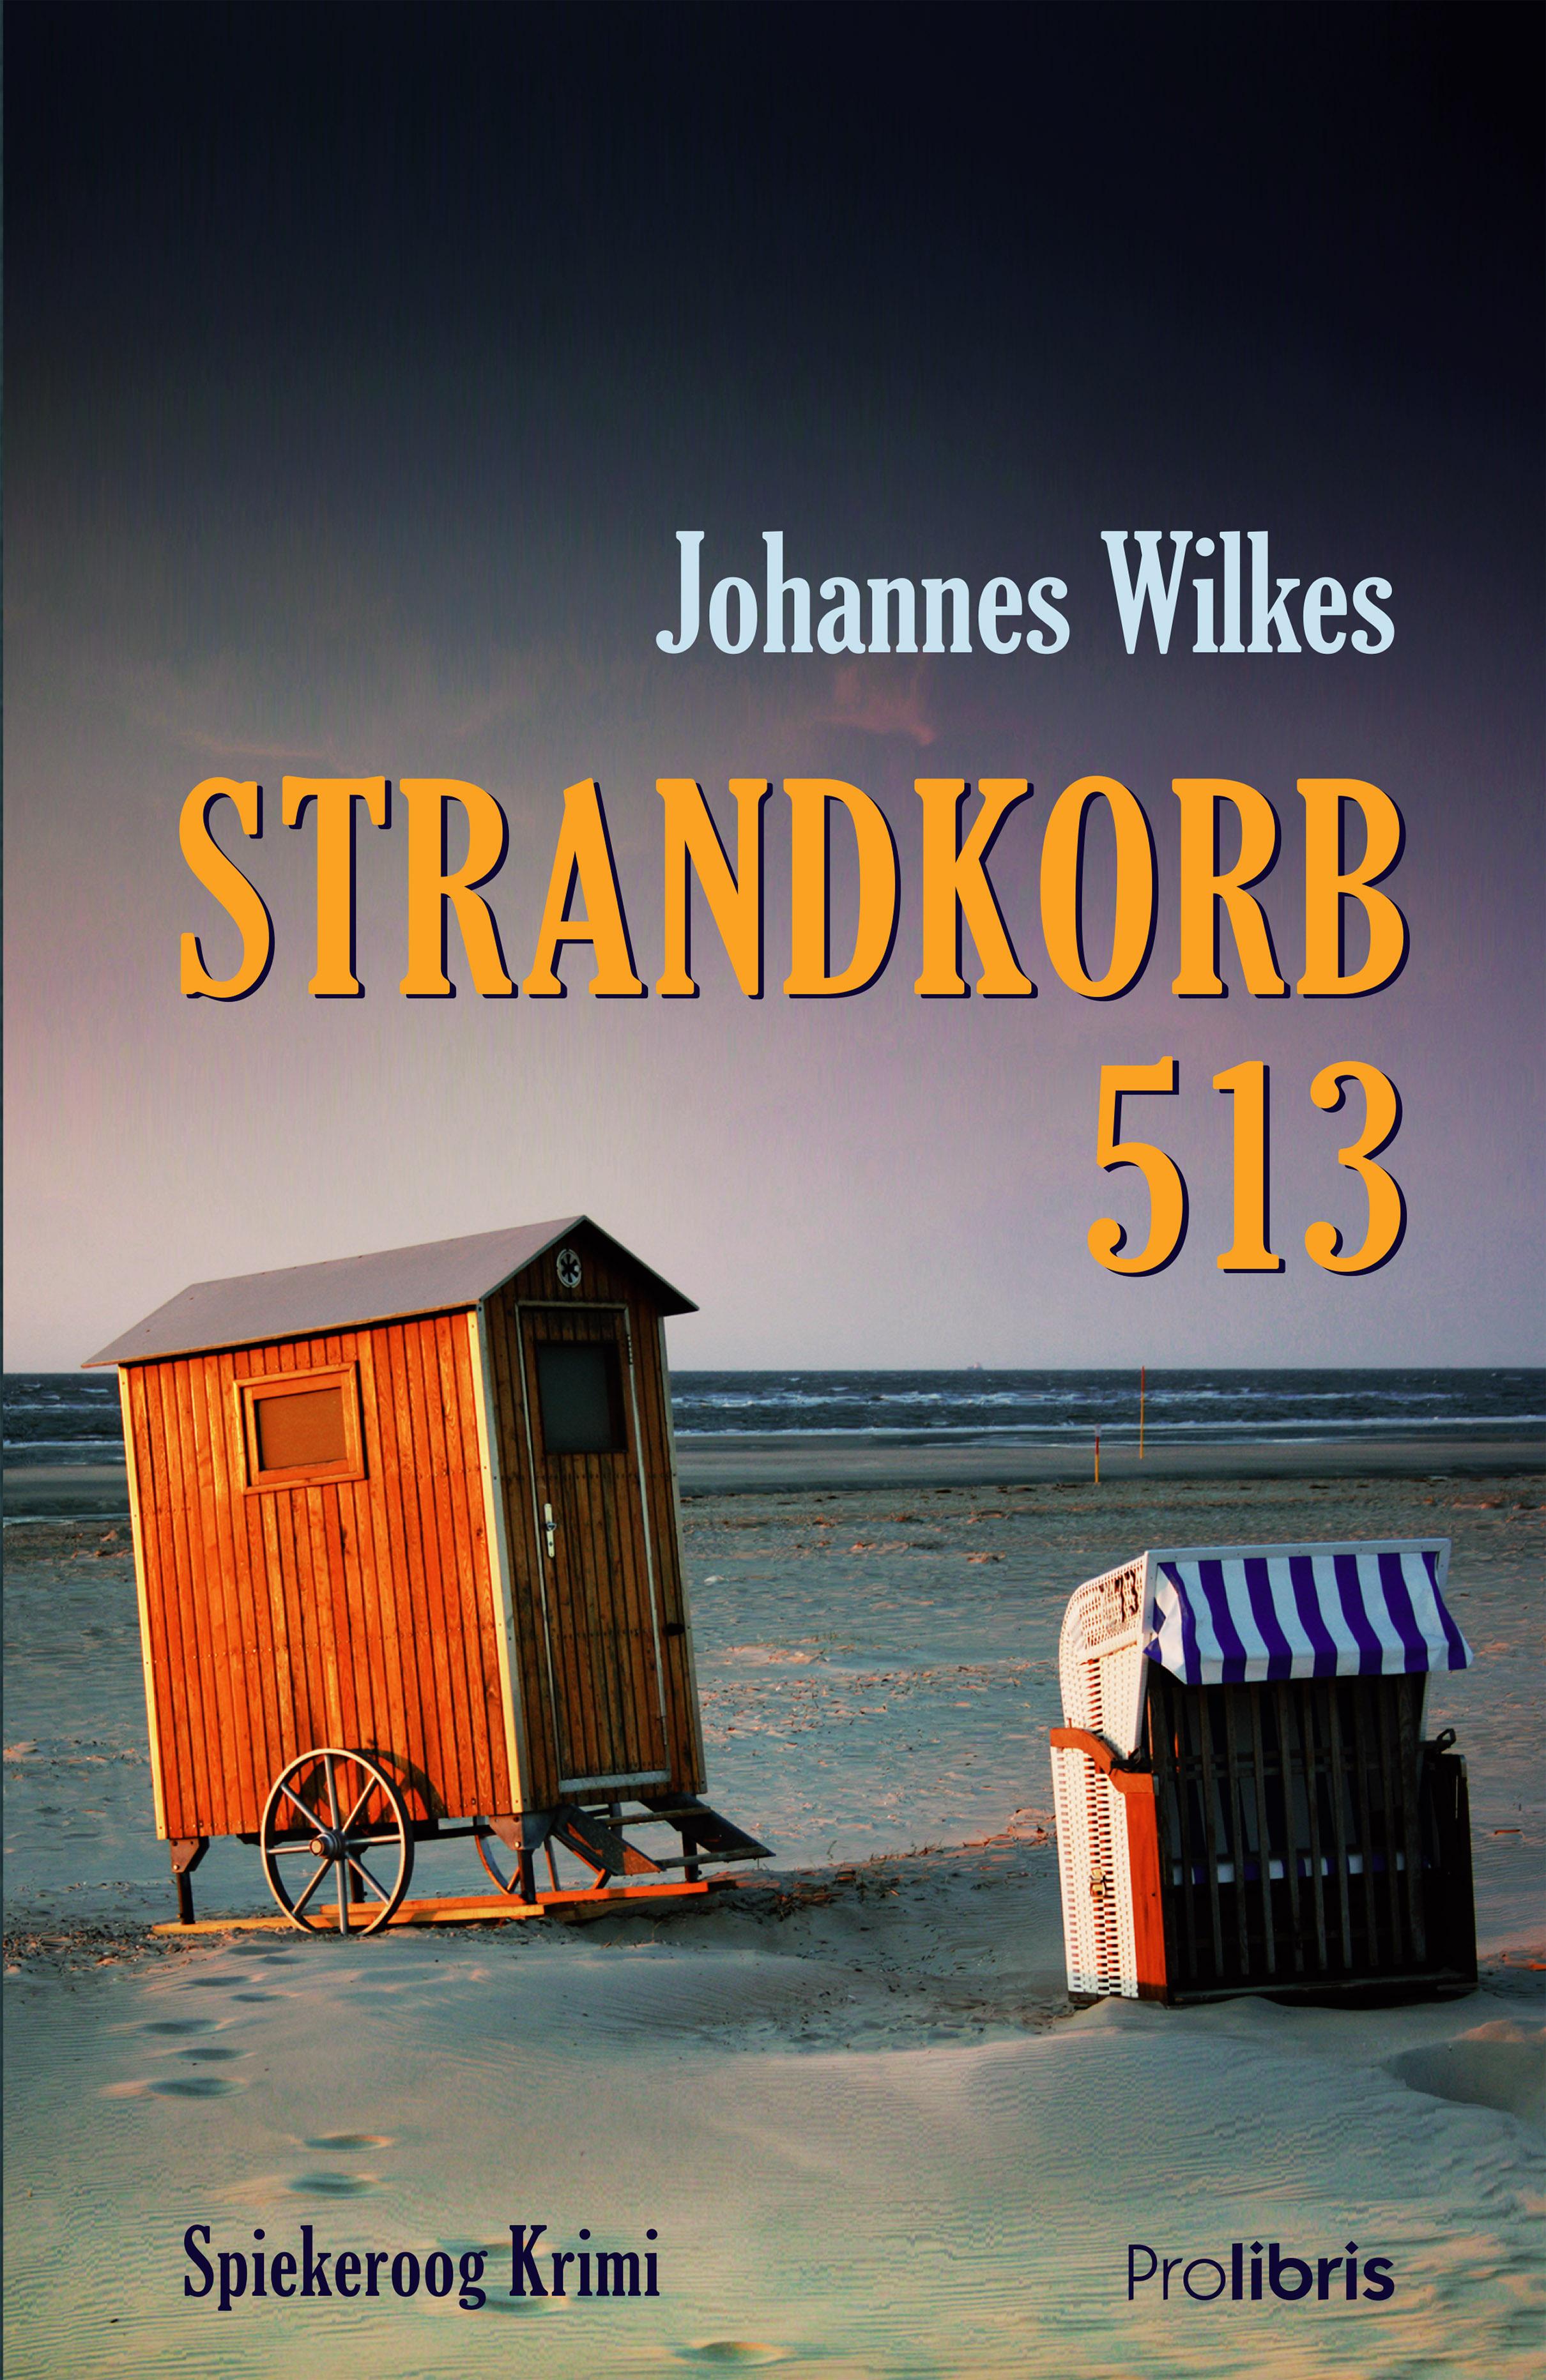 Johannes Wilkes Strandkorb 513